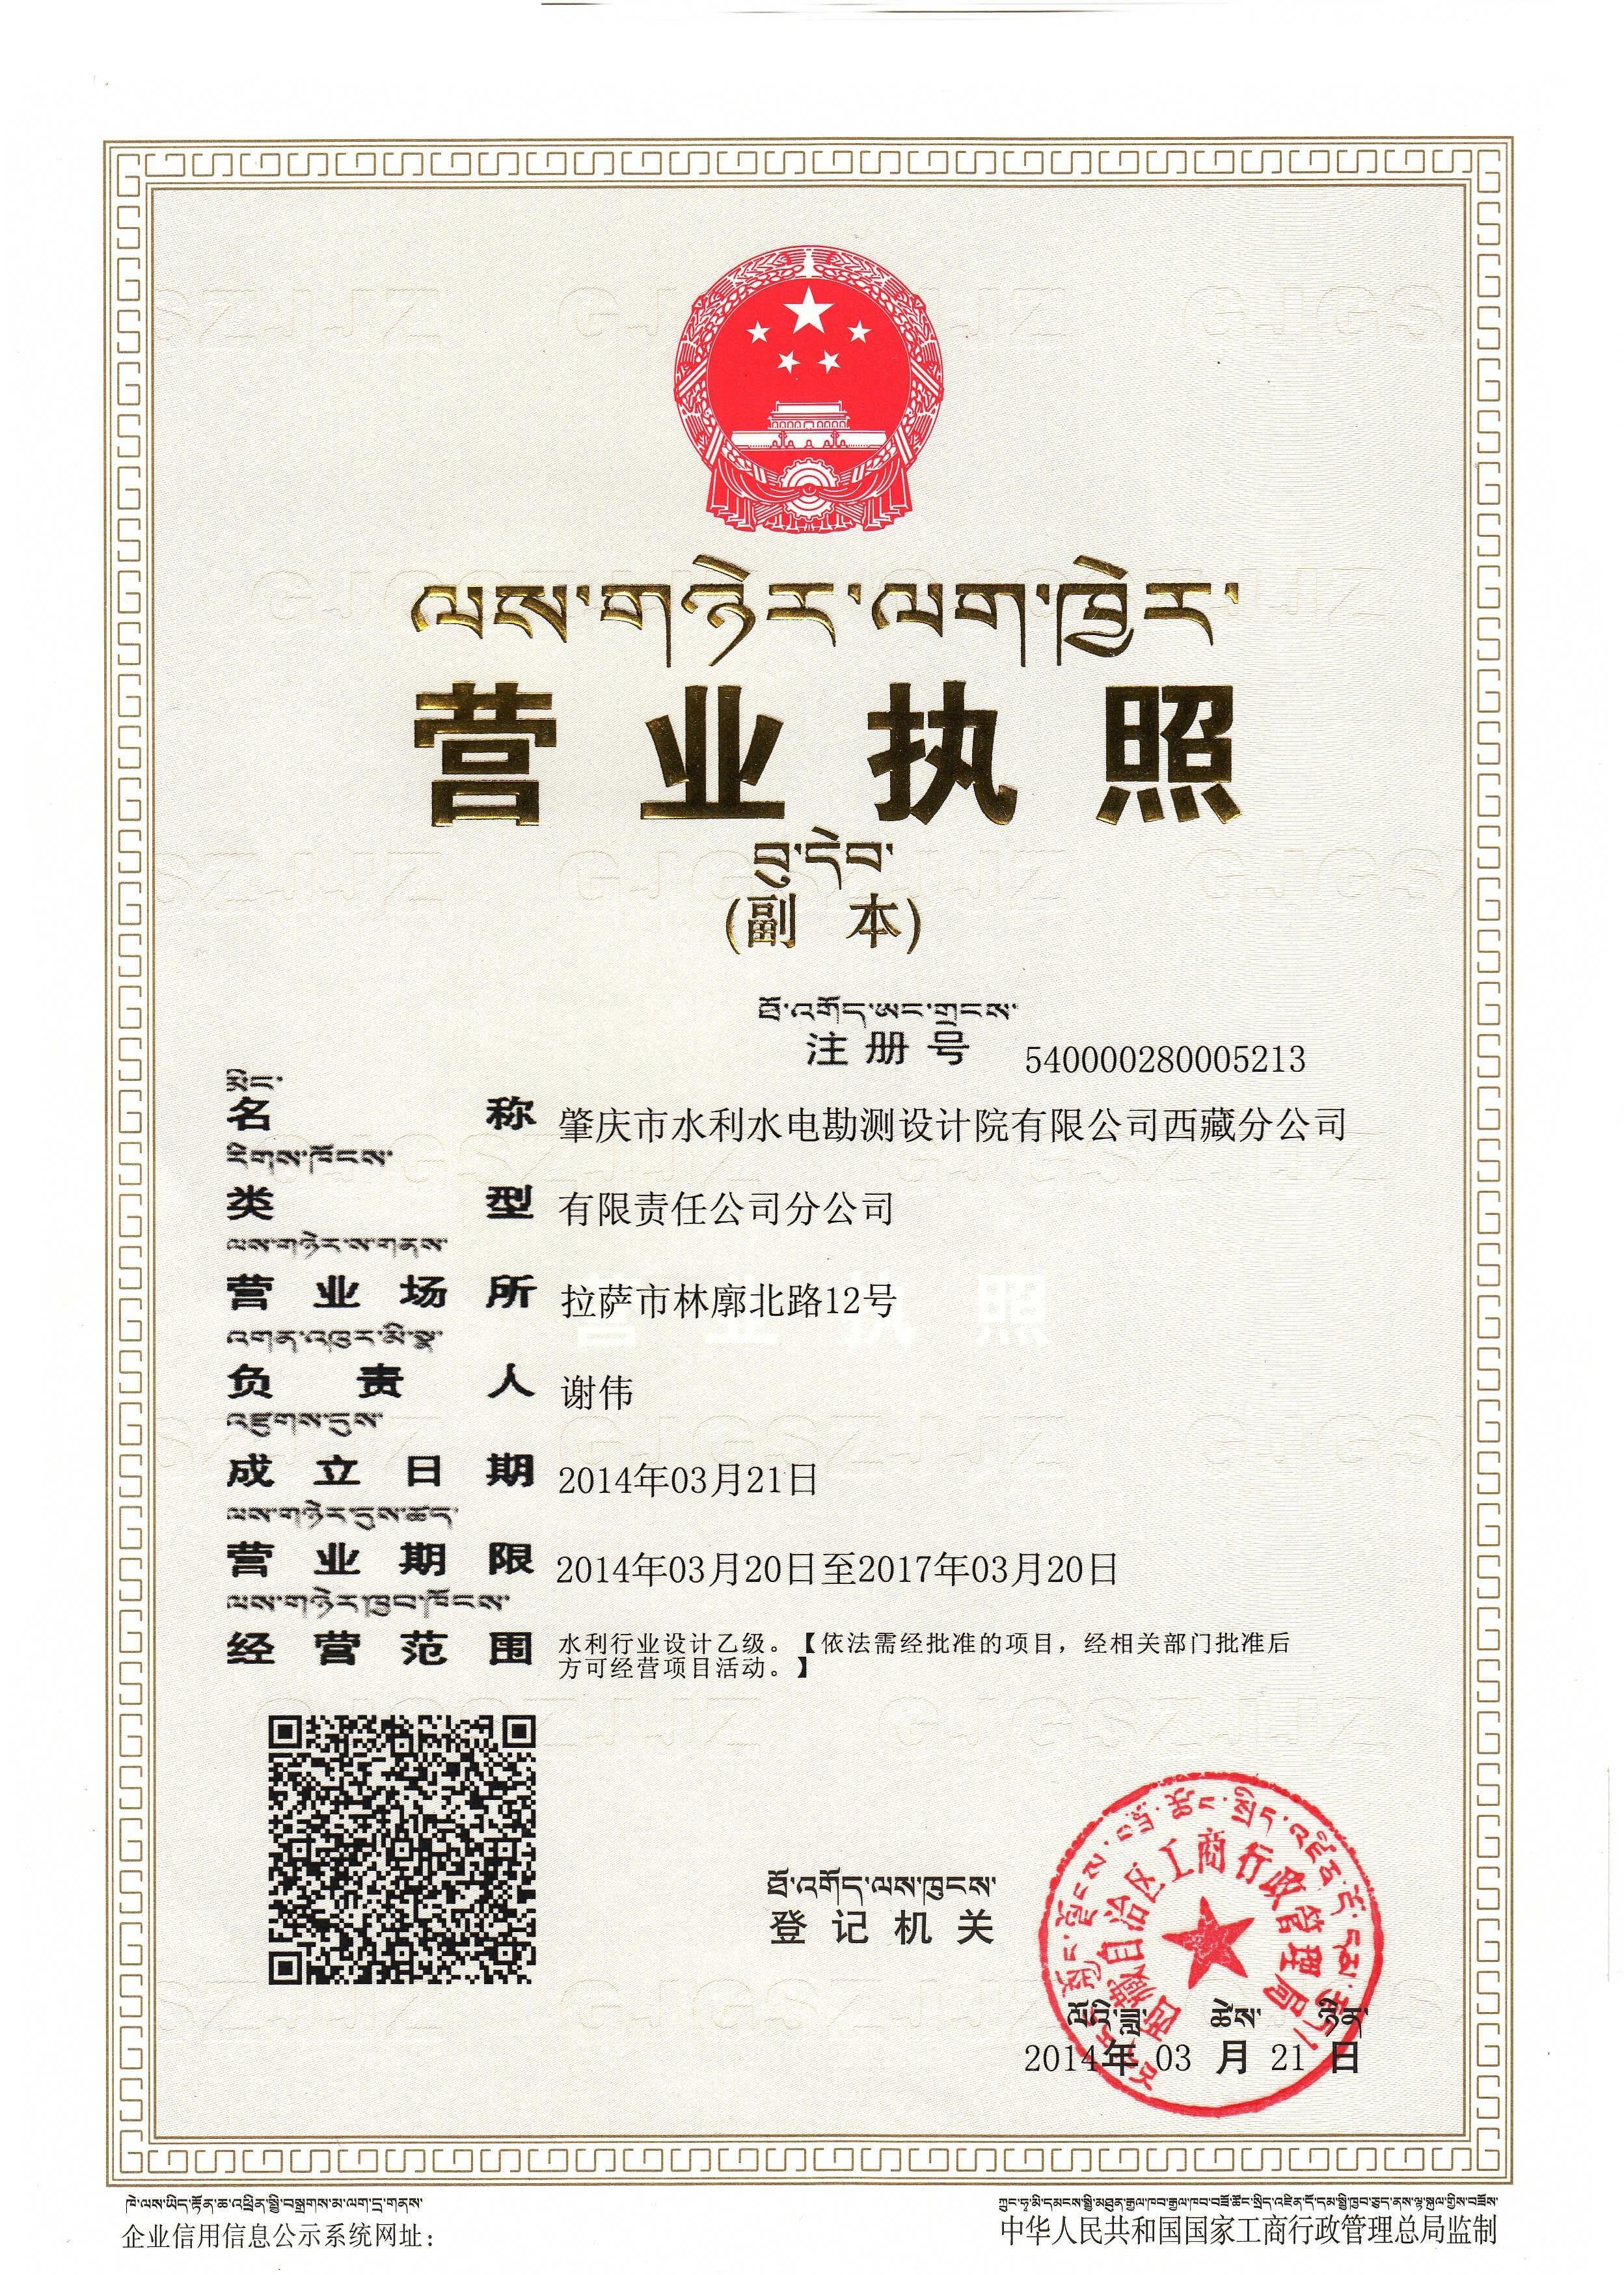 肇庆市水利水电勘测设计院有限公司图片